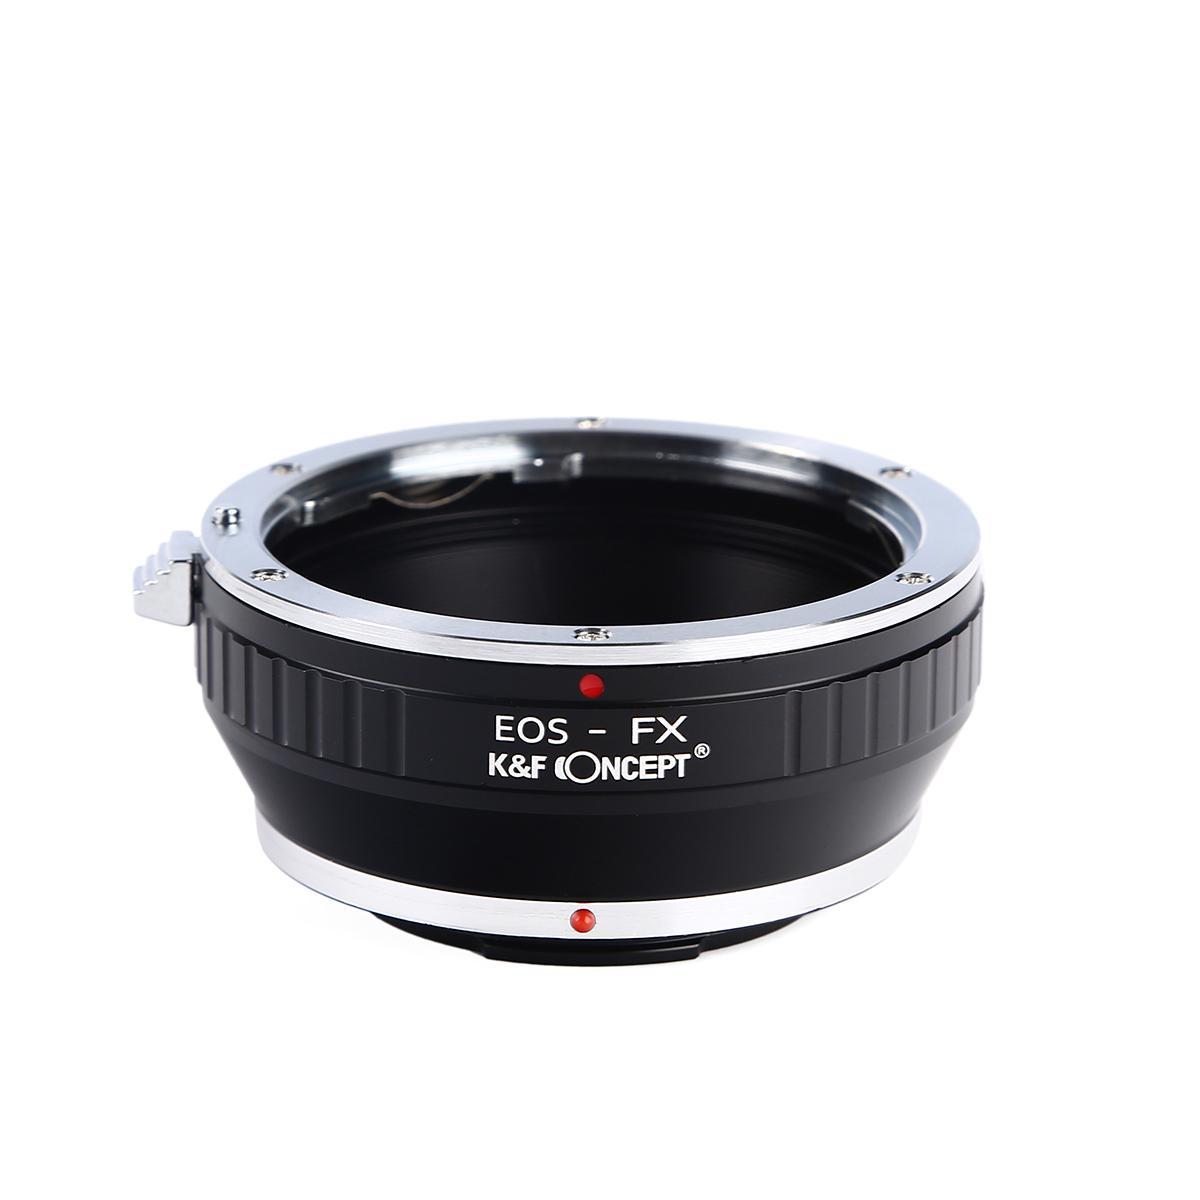 驚きの値段で KF Concept マウントアダプター 商舗 KF-EFX キヤノンEFレンズをフジフイルムXシリーズに取付け